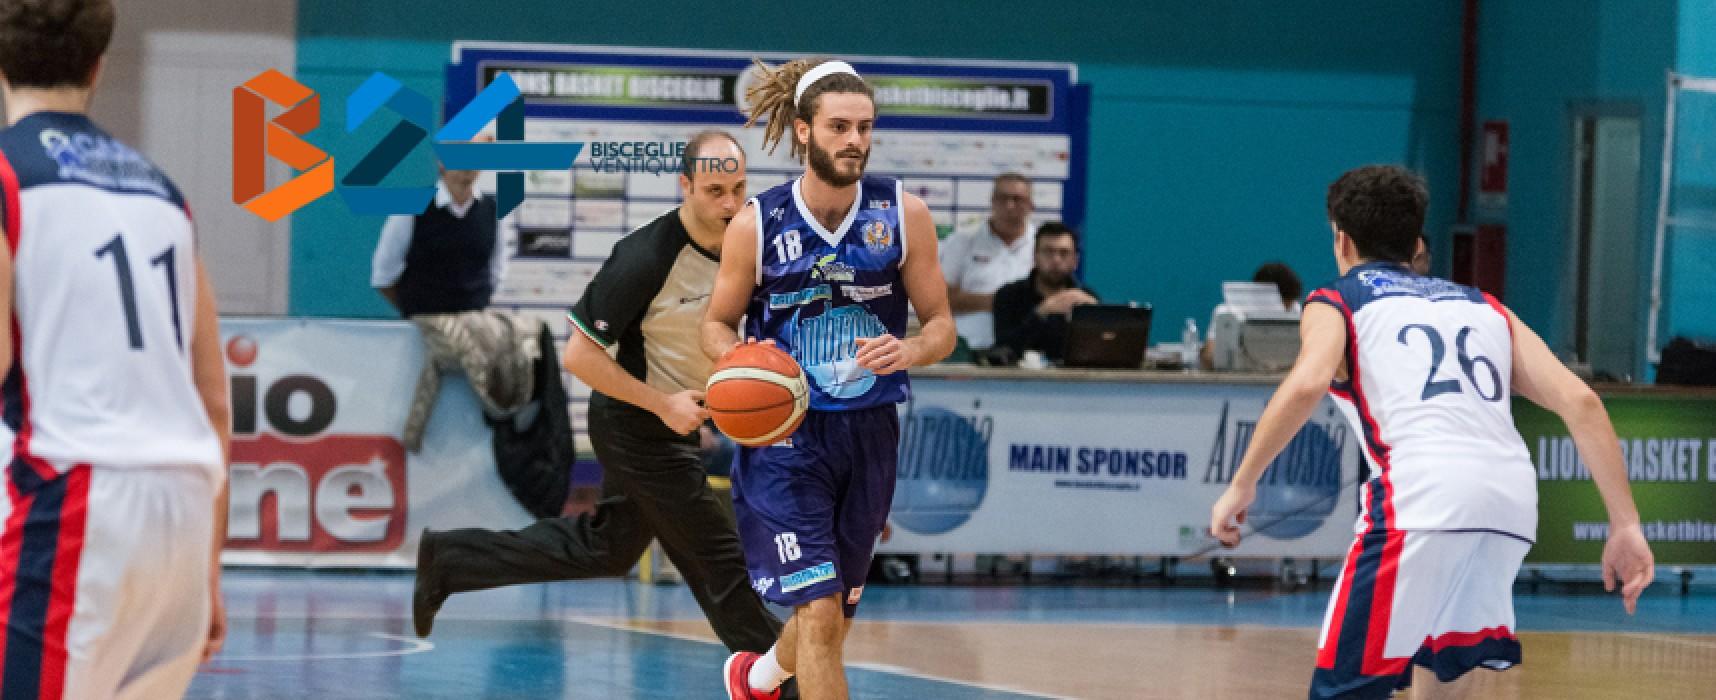 Lions Basket, in casa contro Ortona in cerca della terza vittoria consecutiva